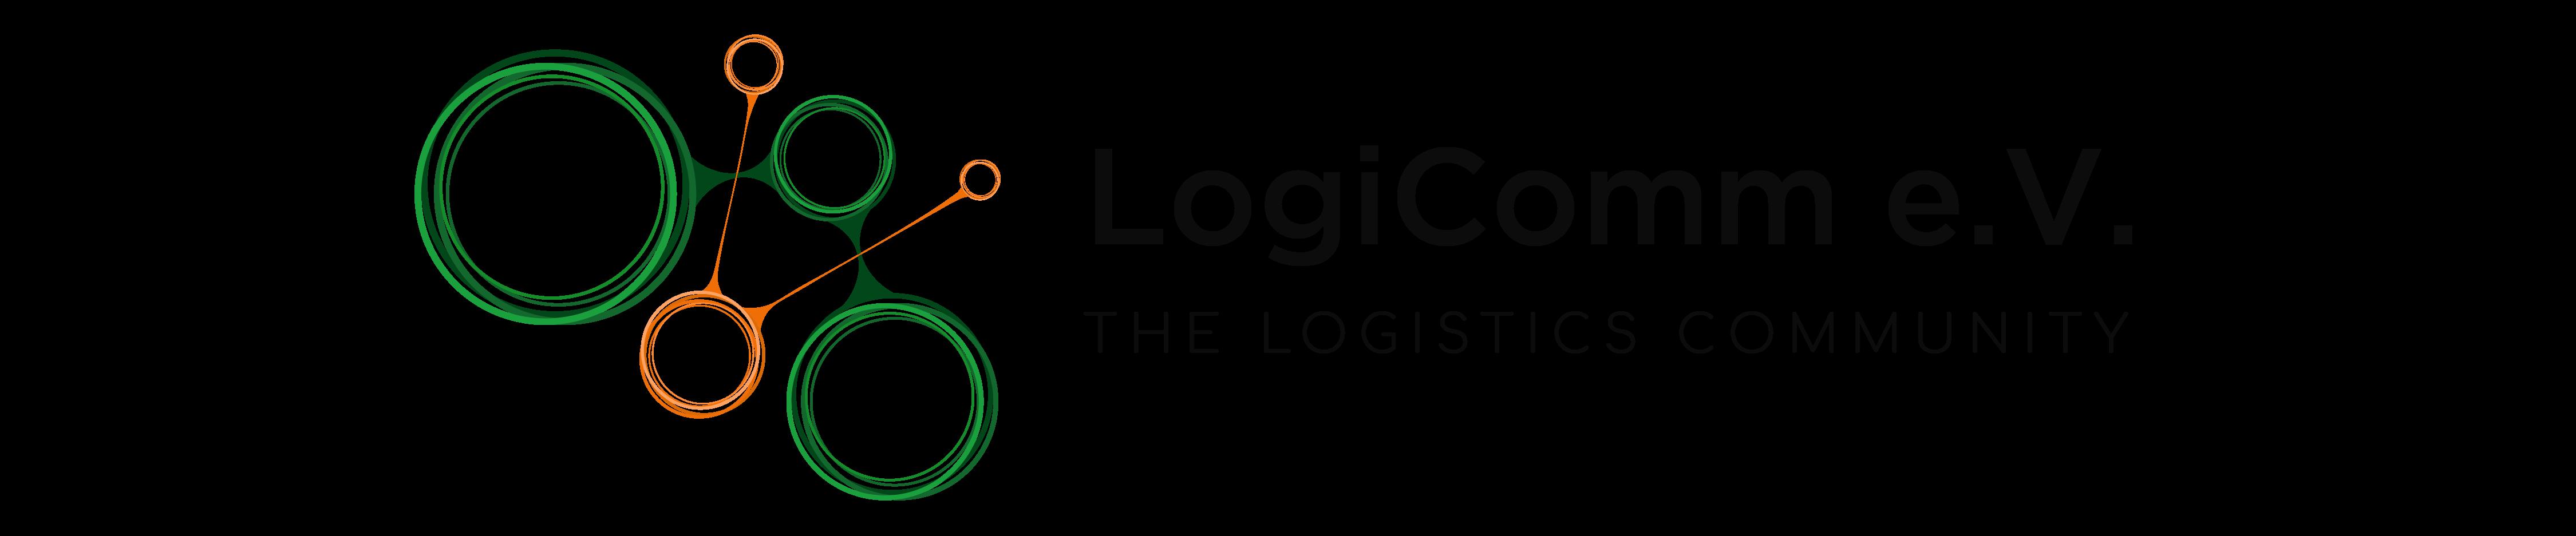 logicomm_logo